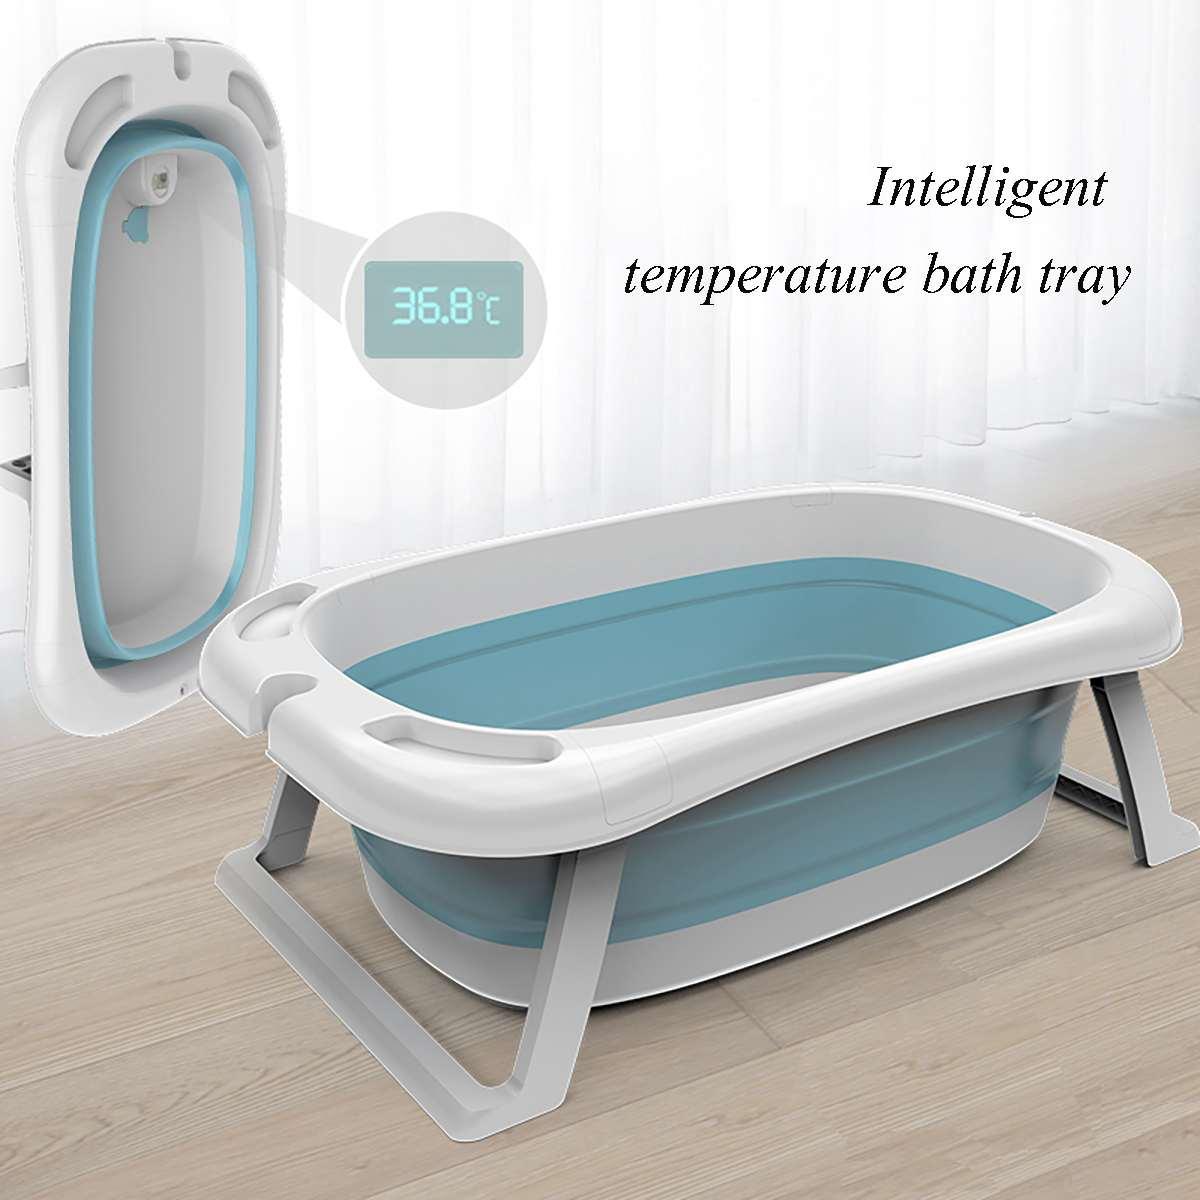 Bañera de ducha para bebé, lavabo plegable portátil, termómetro inteligente, cojín de seguridad, almohadillas de silicona plegables para mascotas, bañeras de baño para perros Bañeras inflables y portátiles  - AliExpress